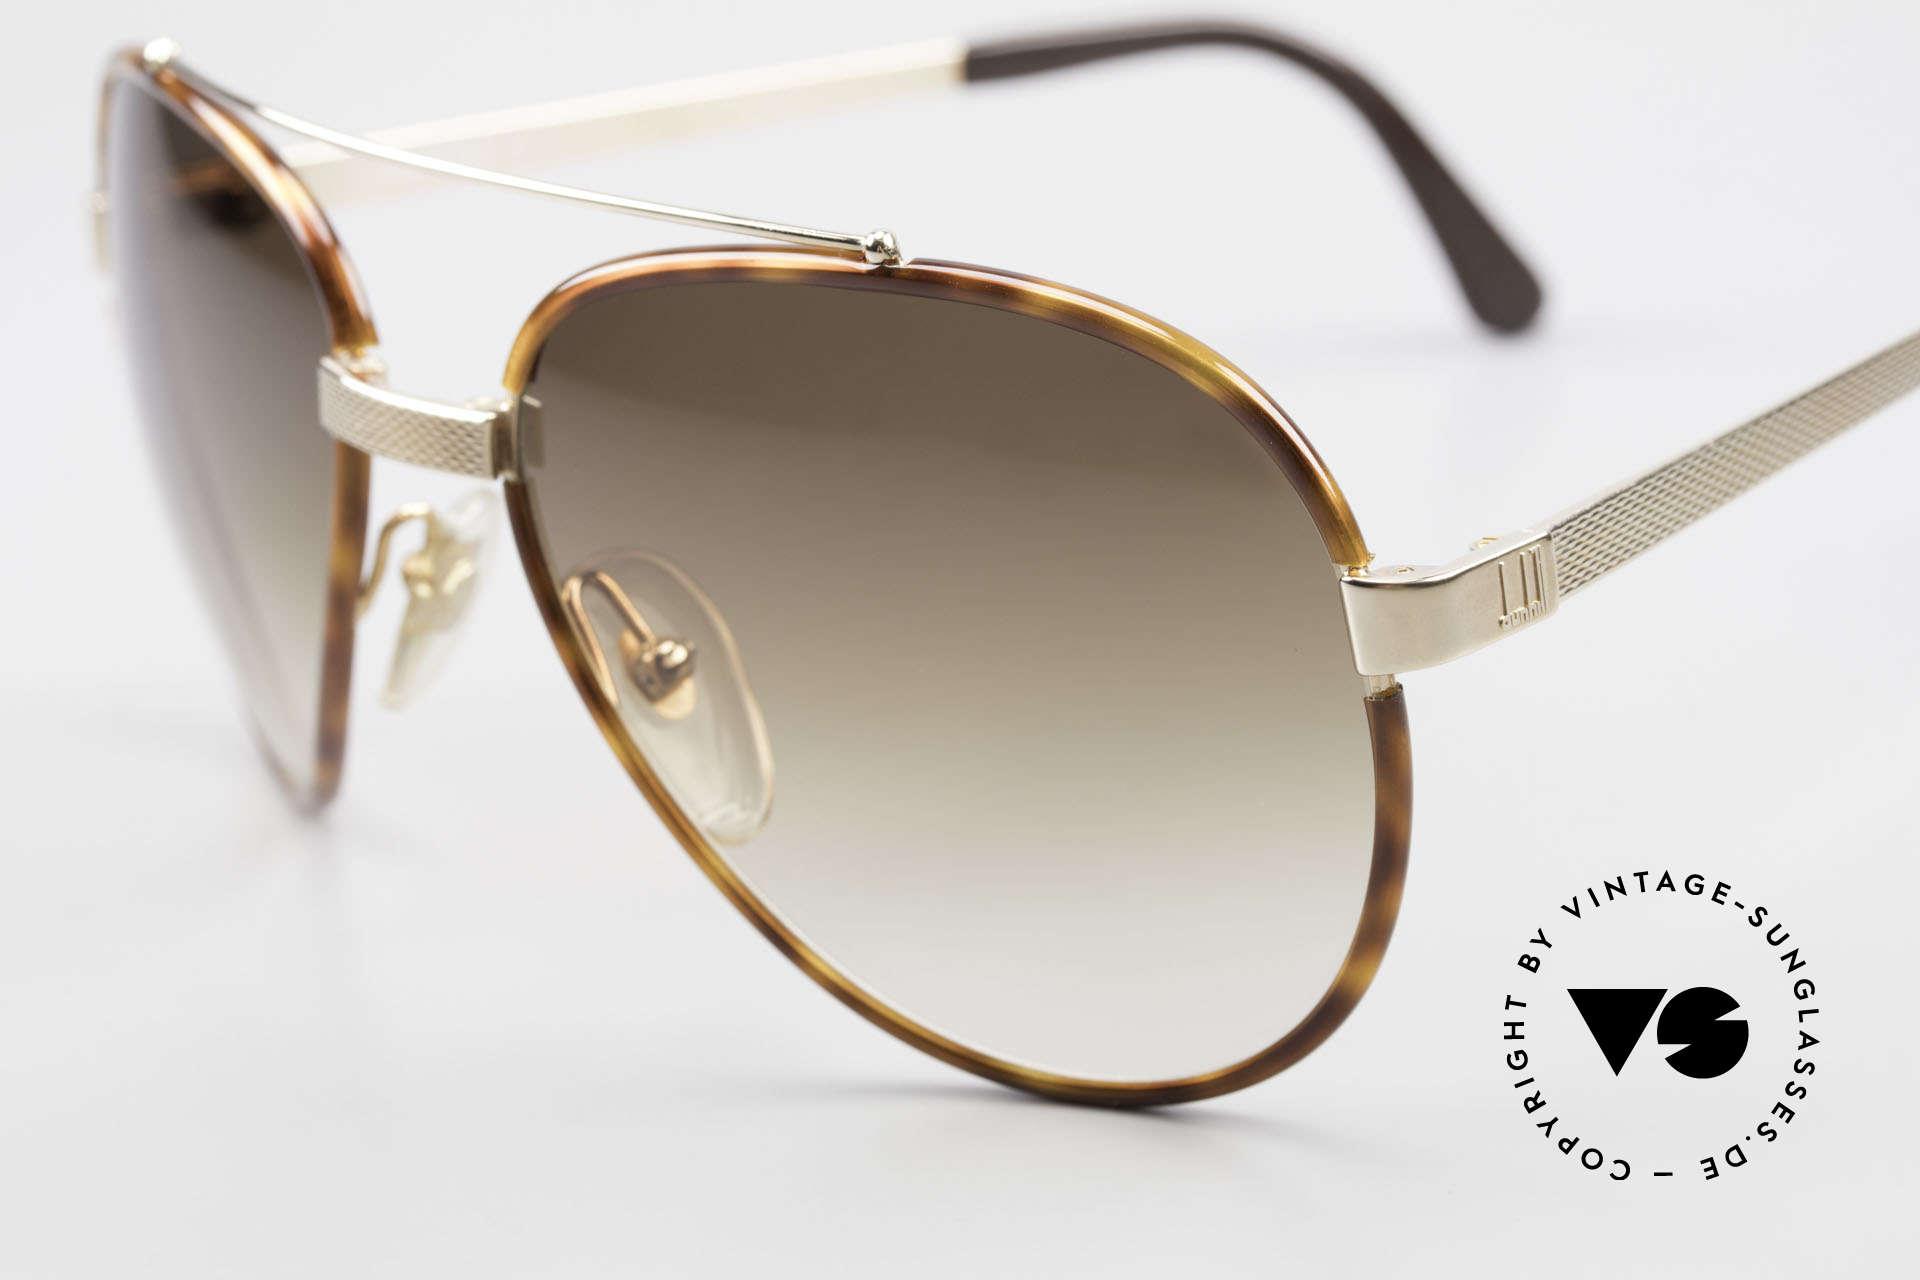 Dunhill 6023 80er Sonnenbrille Herren Luxus, enorm hochwertiger & sehr eleganter Klassiker, Passend für Herren